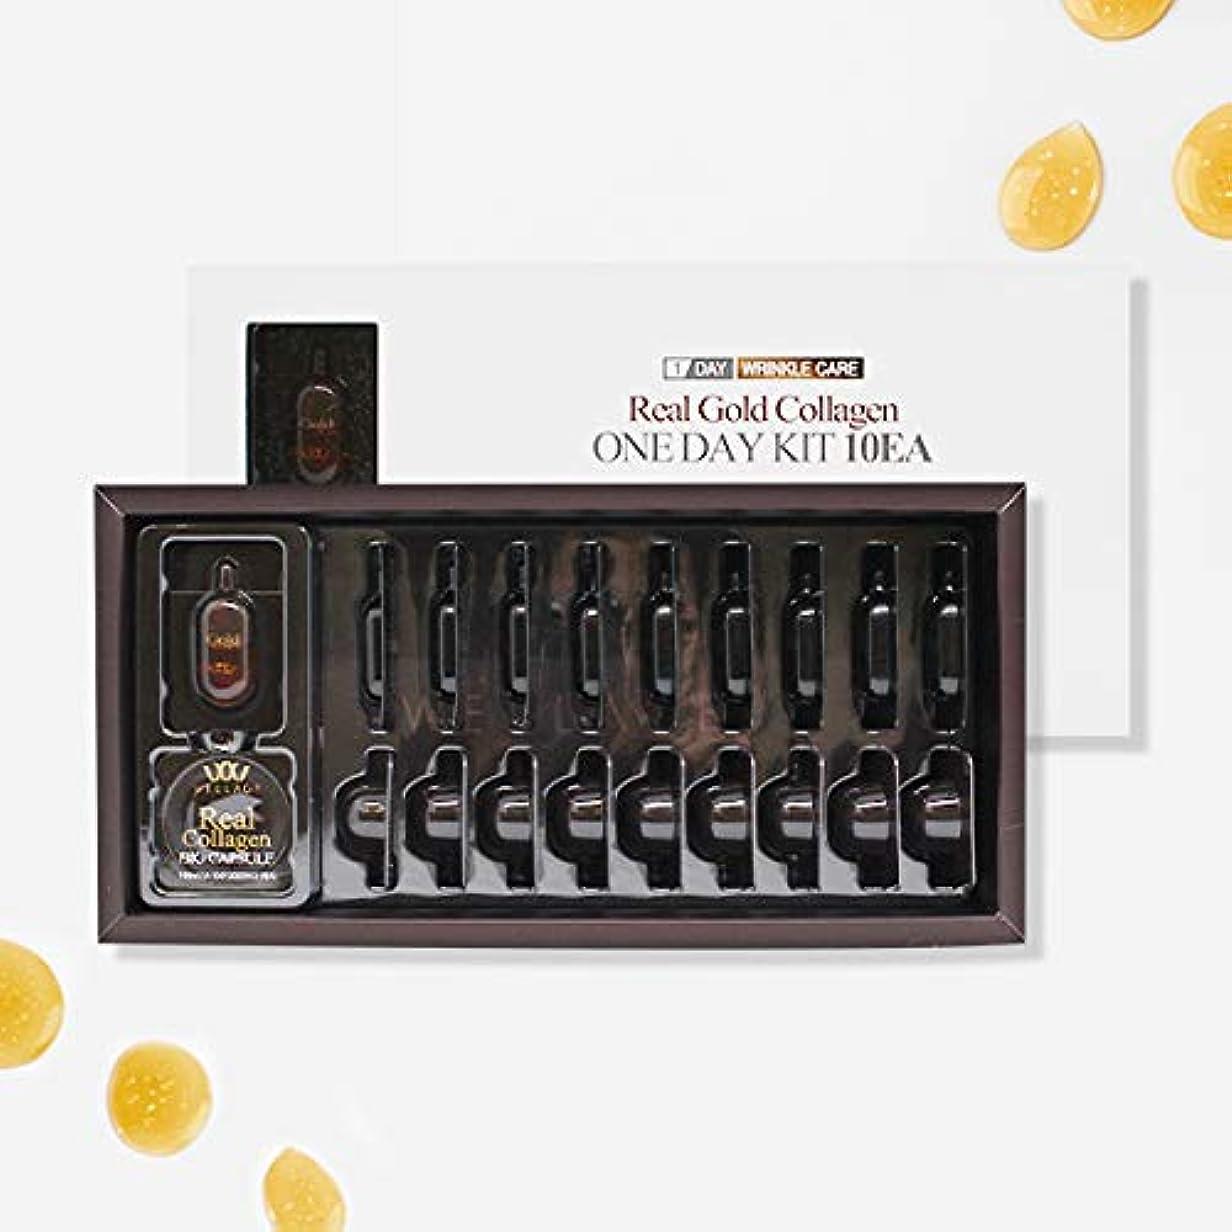 リーガンテナント大工WELLAGE(ウェラージュ) リアルゴールドワンデーキットバイオカプセル 10EA (しわケア)/ Real Gold One Day Kit Bio Capsule